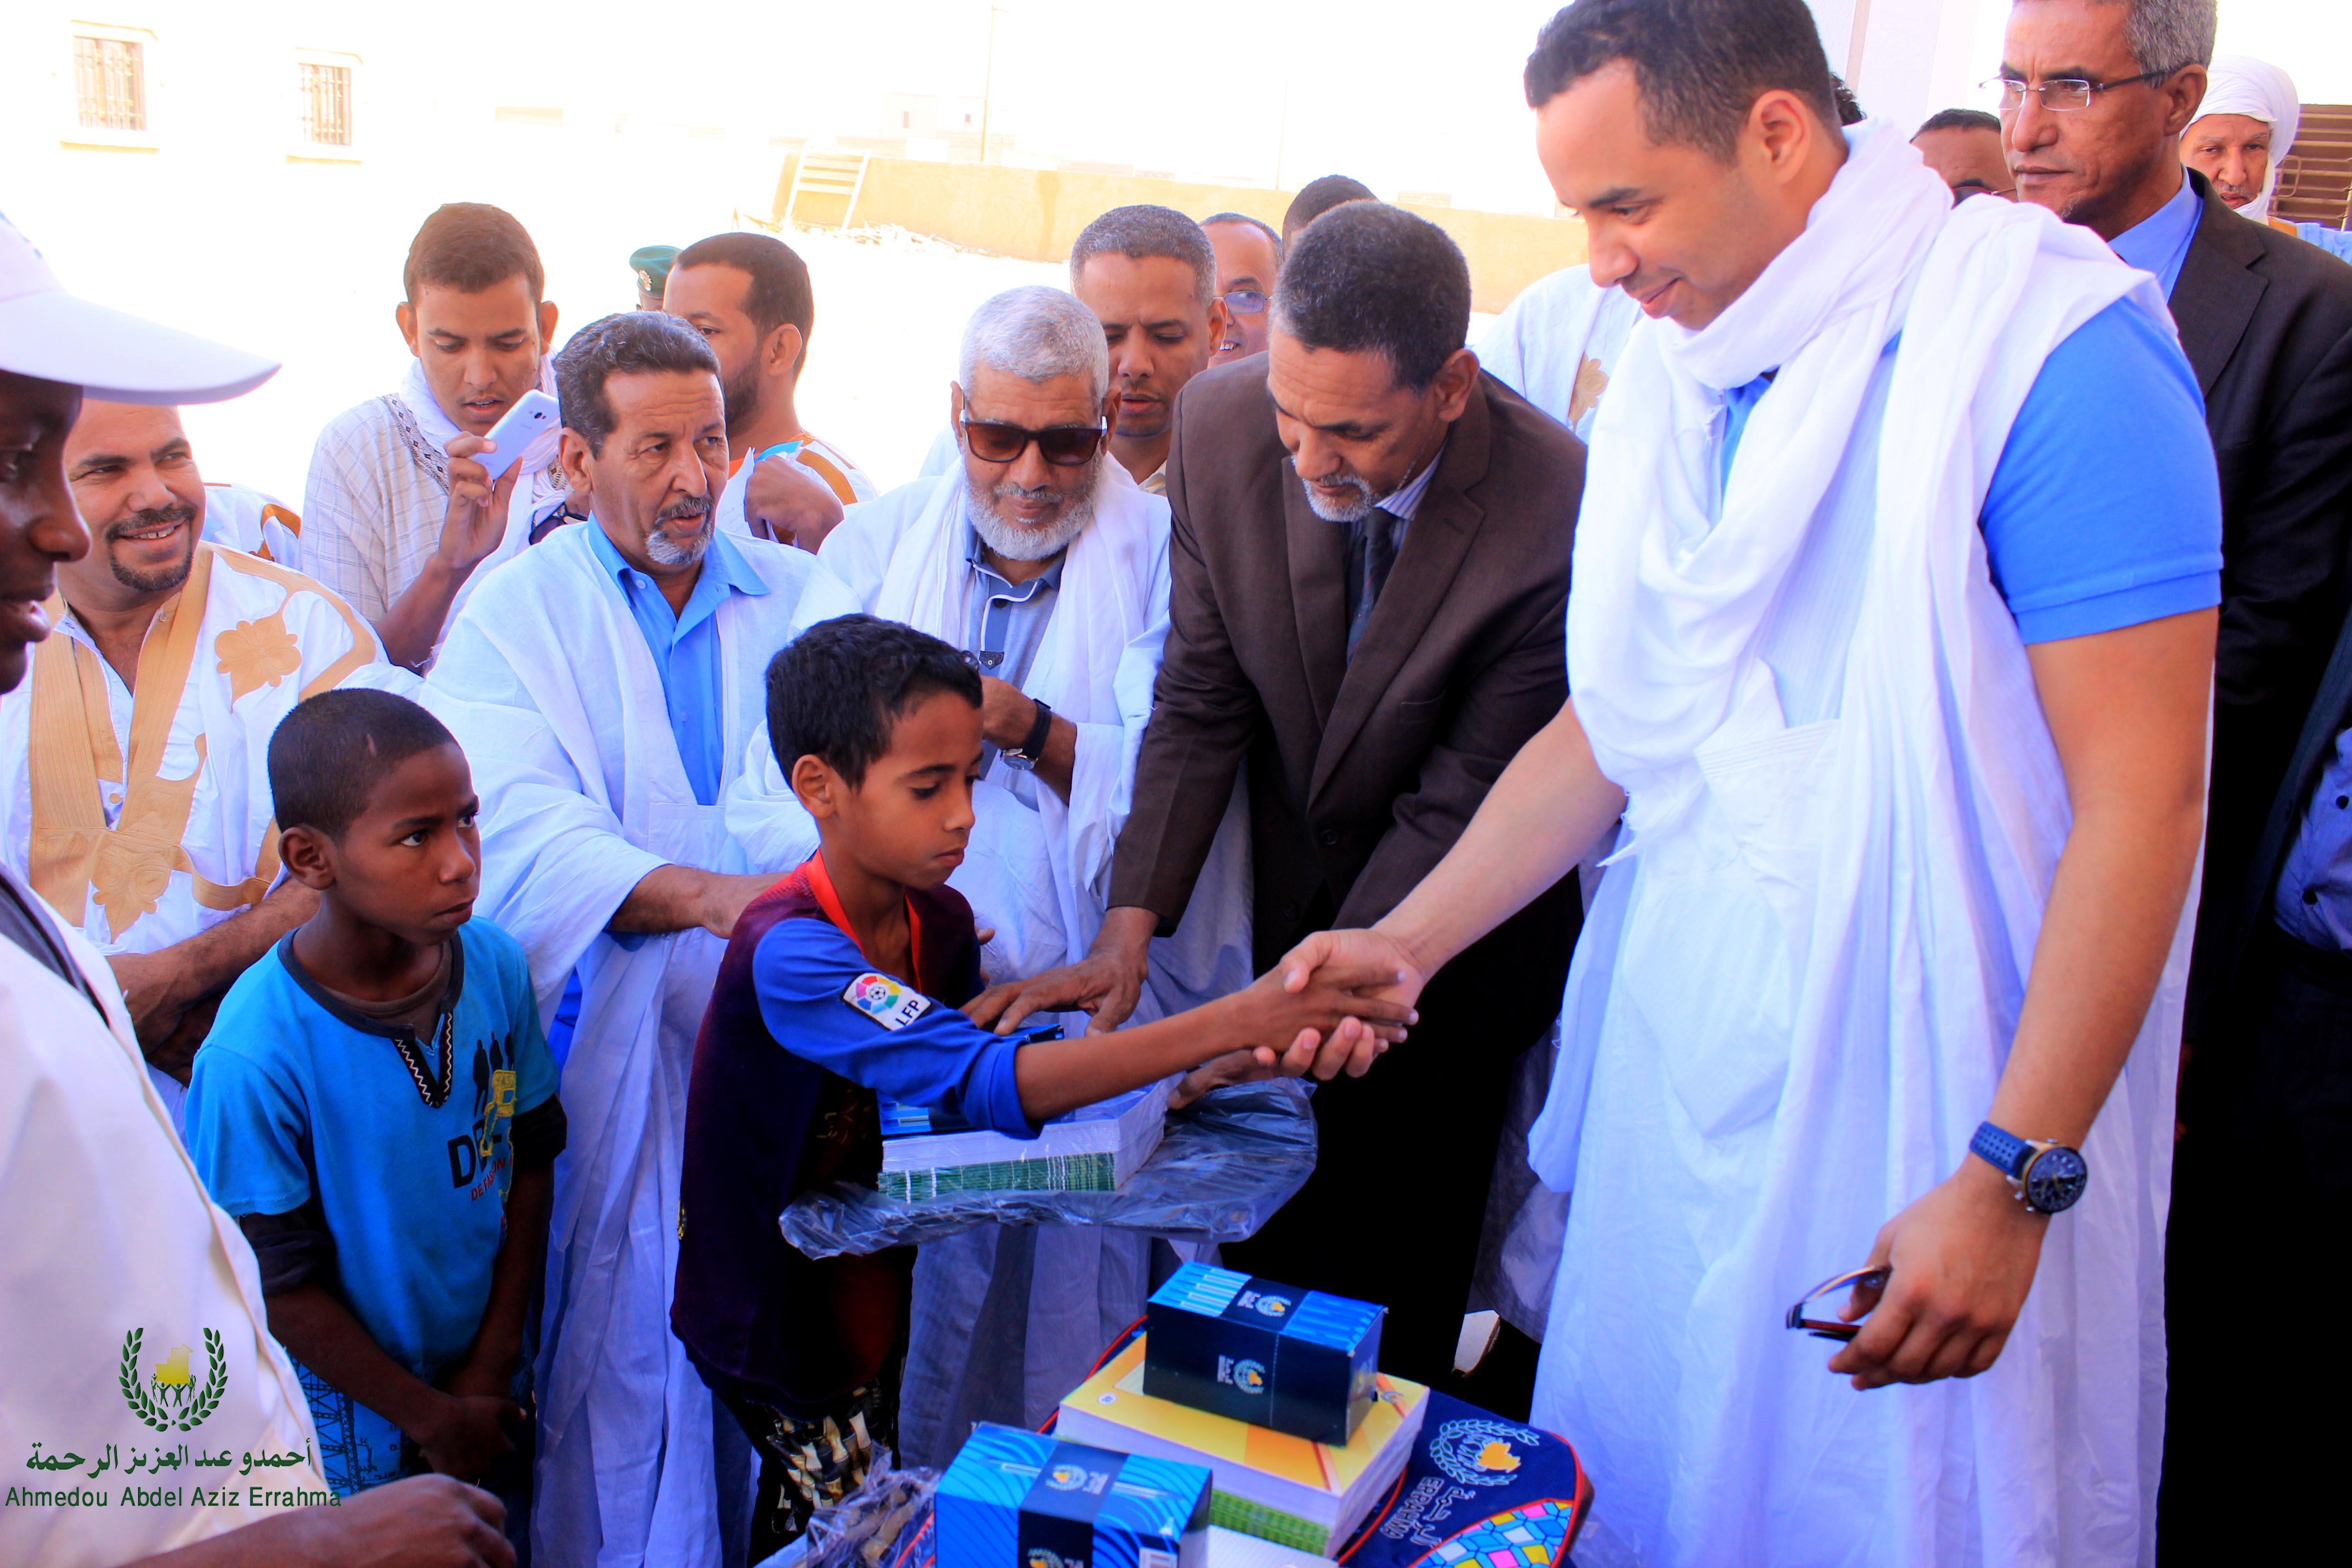 Mauritanie: La Fondation Ahmedou Abdel Aziz ERRAHMA reprend sa tournée à l'intérieur du Pays